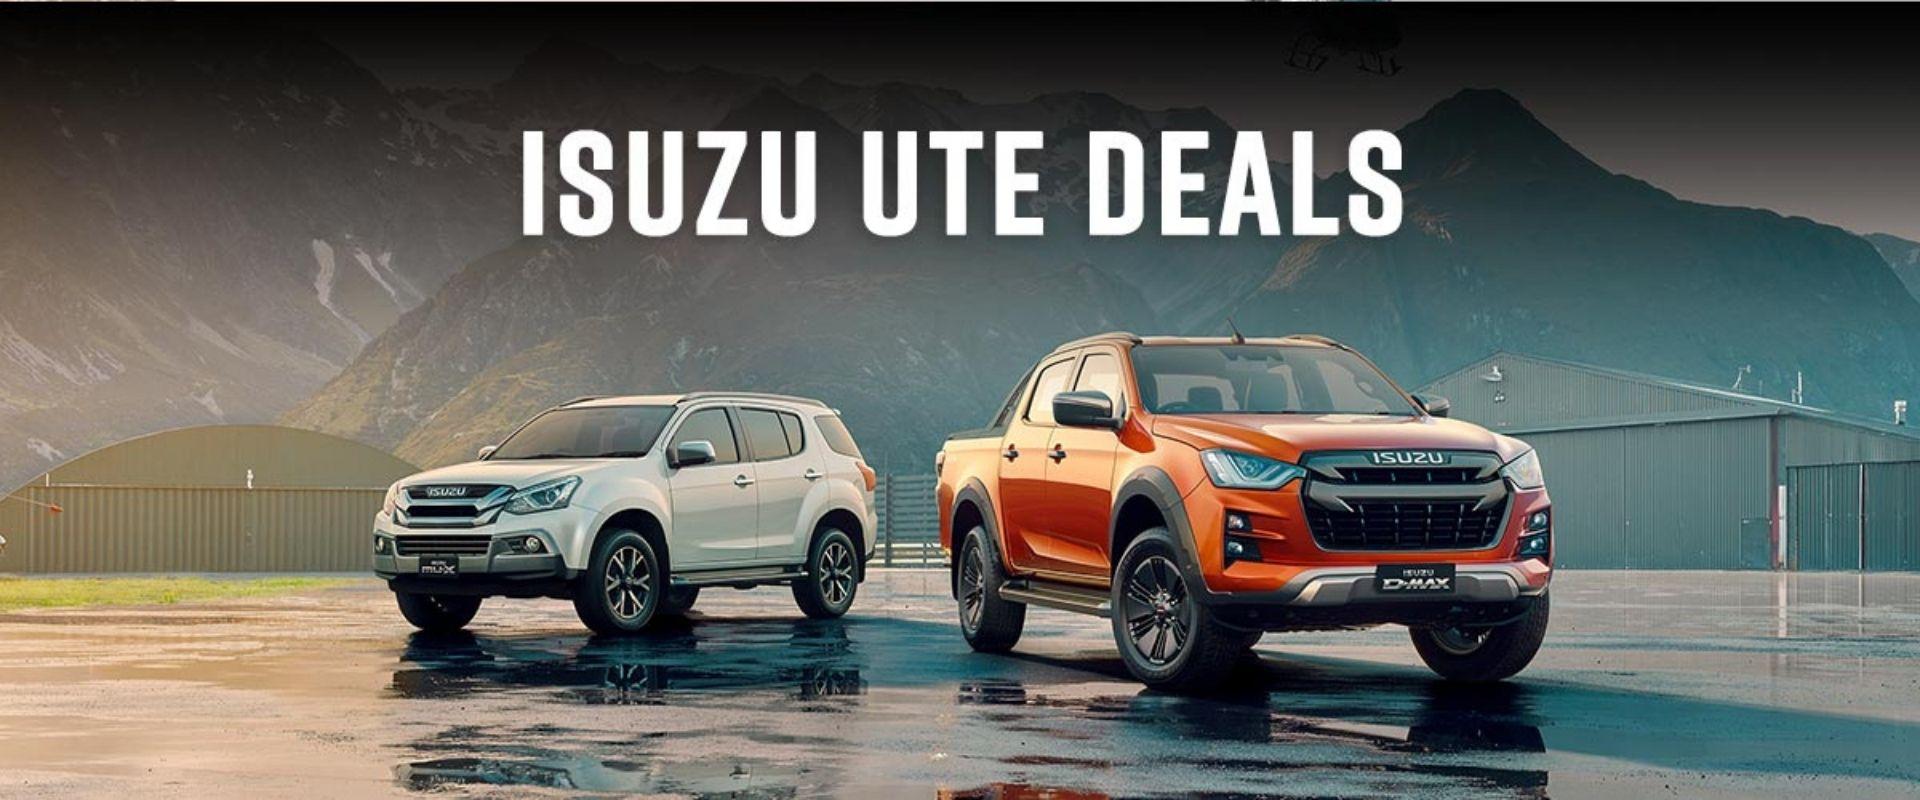 Isuzu Ute Offers